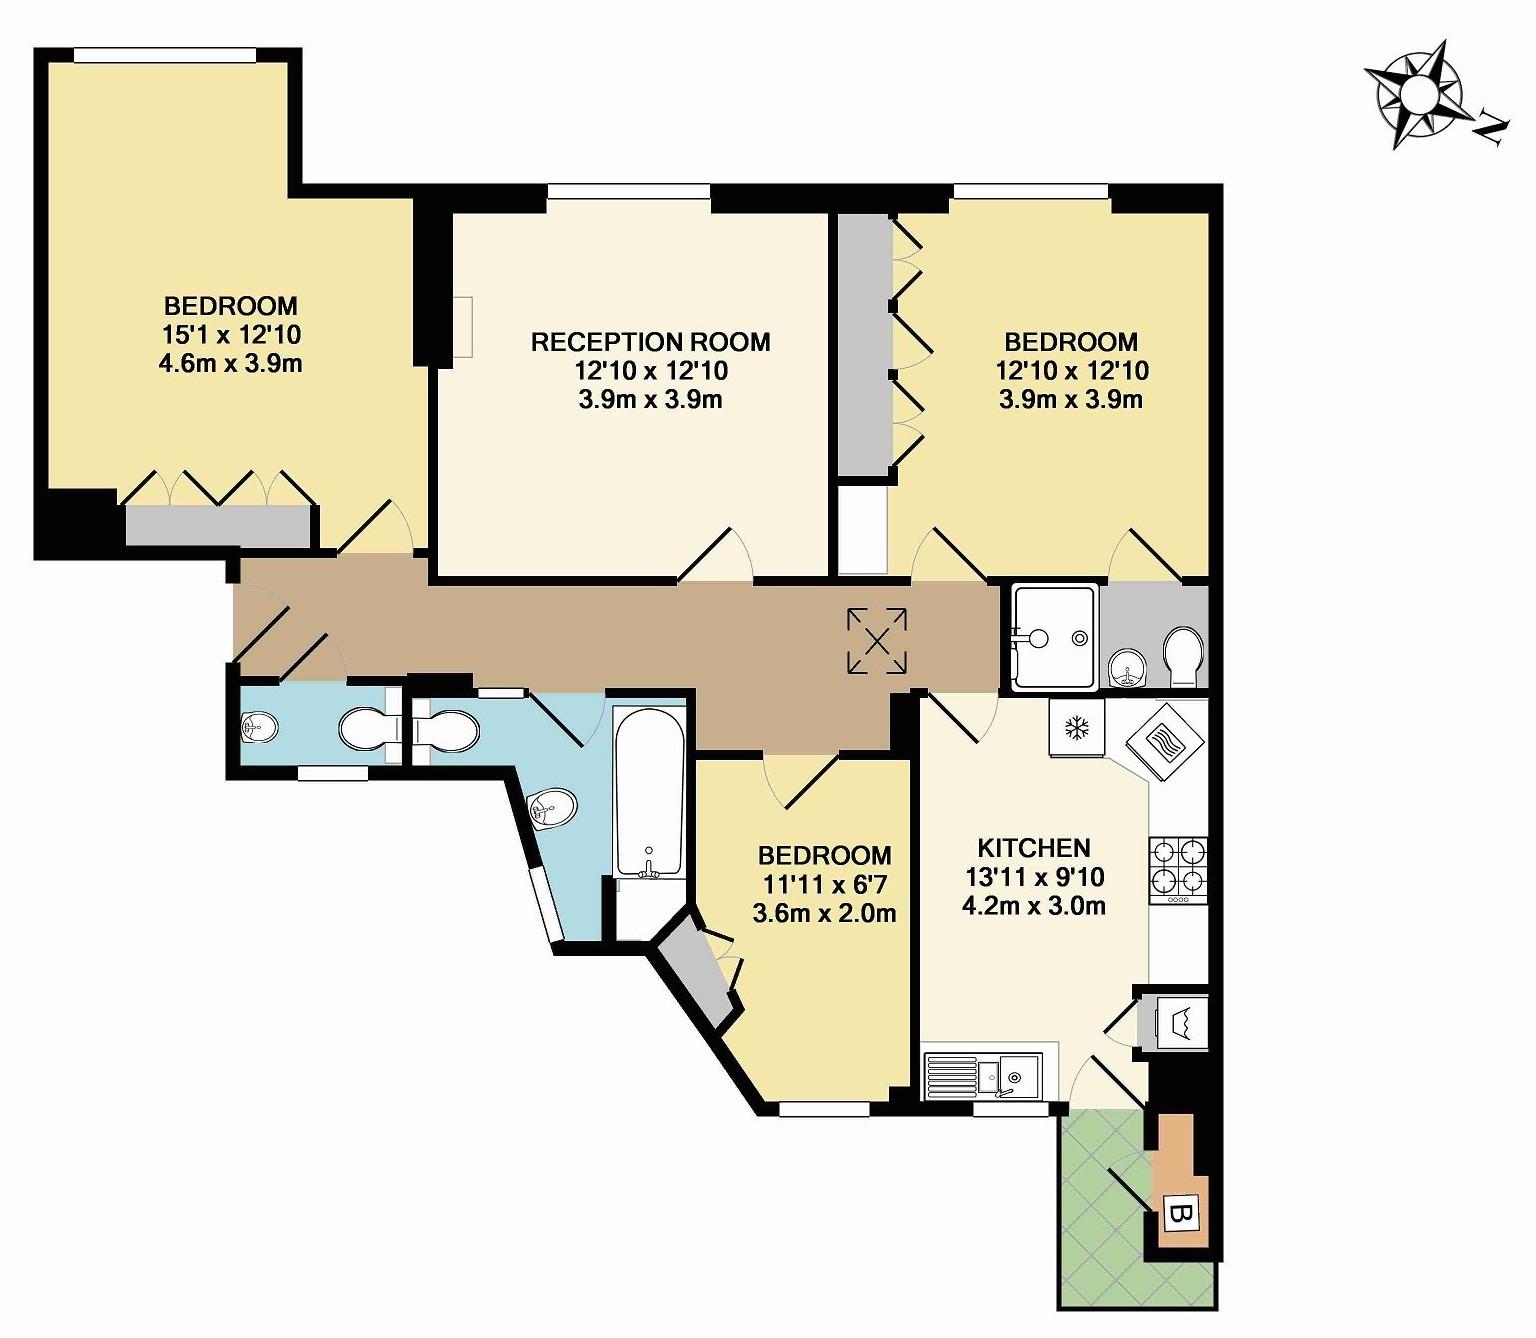 Marylebone - Floorplan